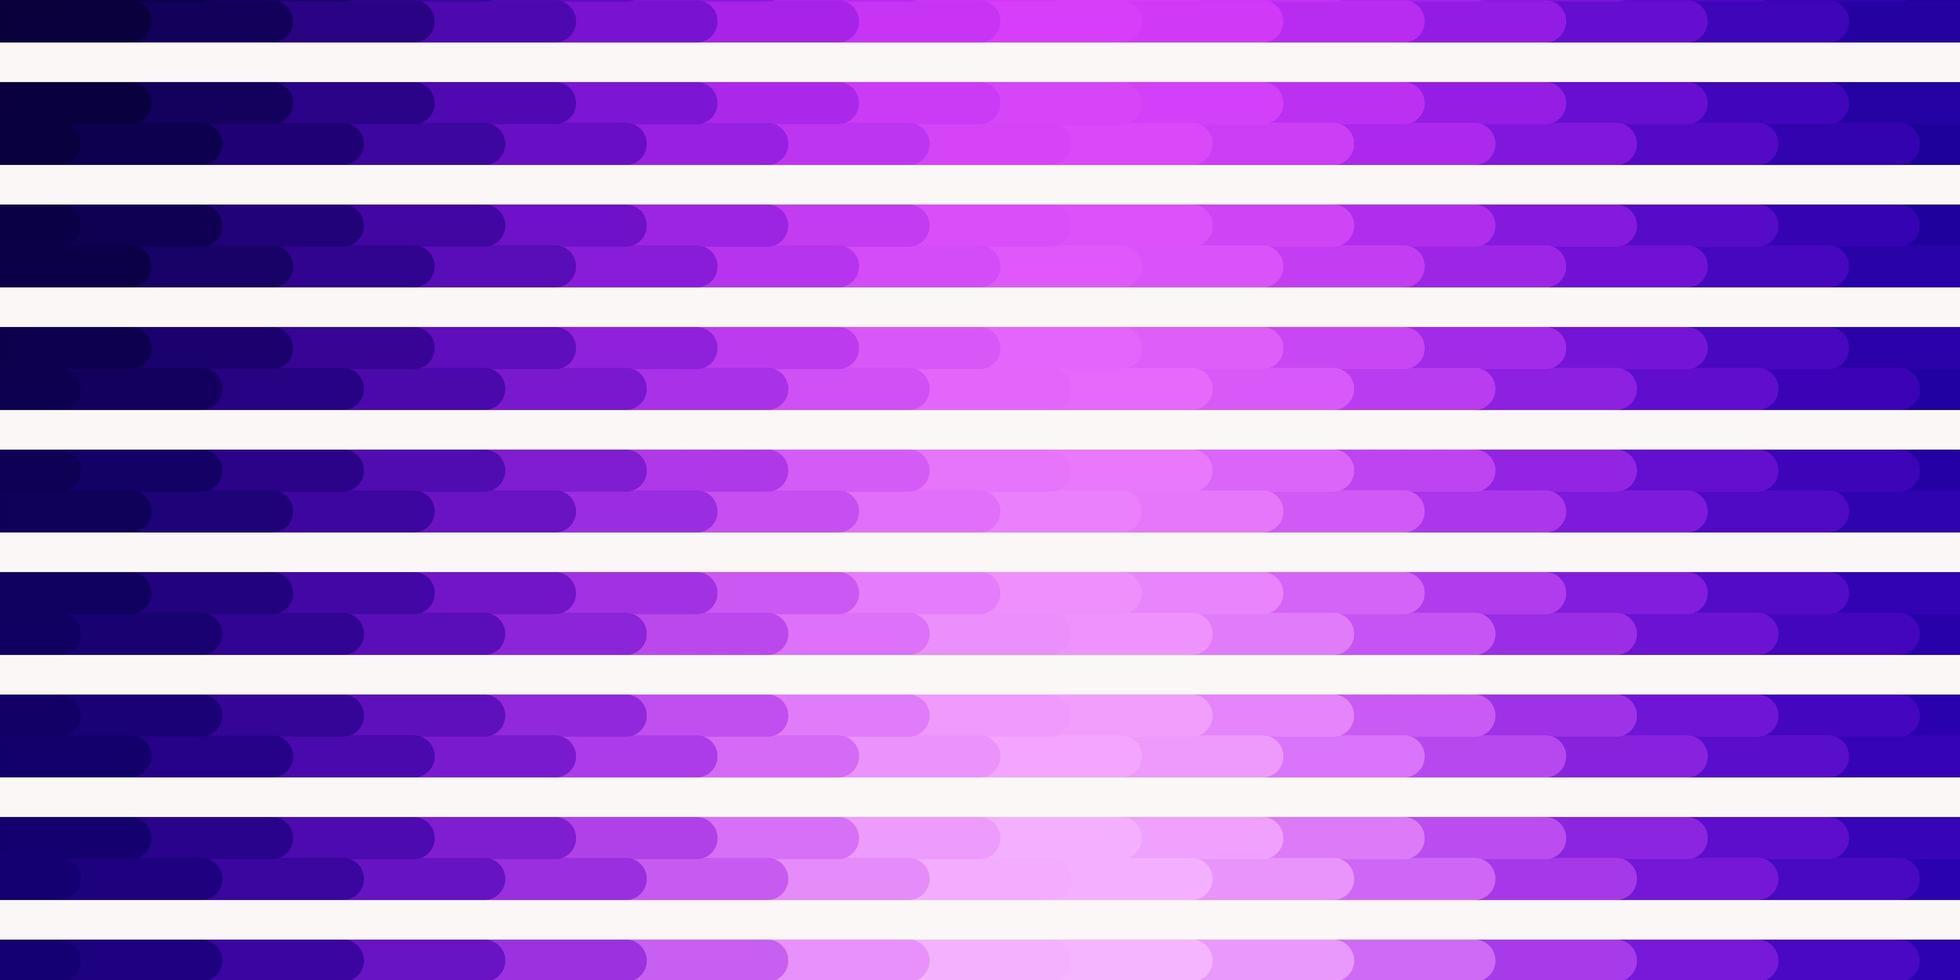 texture violette et rose avec des lignes. vecteur